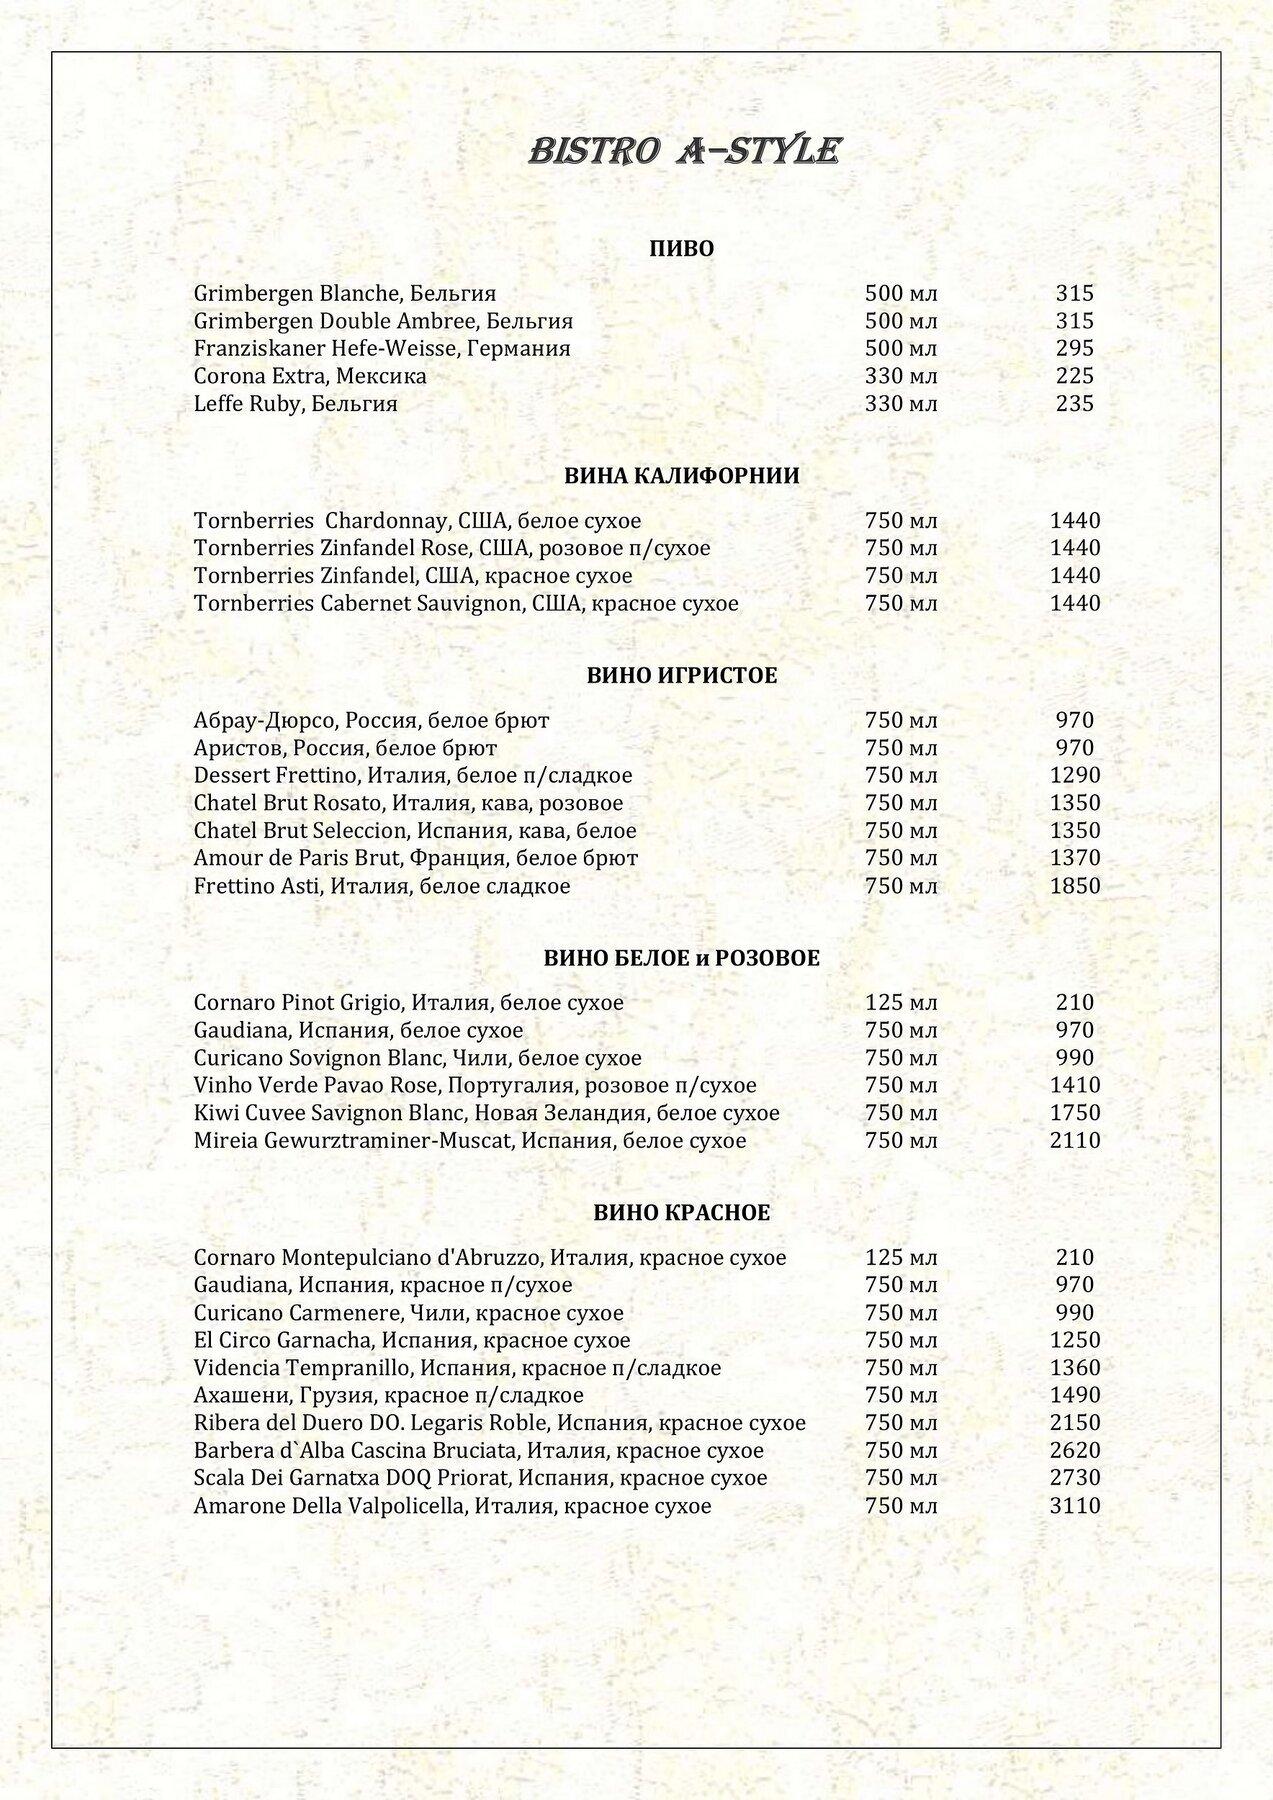 Меню ресторана BISTRO A-STYLE (Бистро астайл) на набережной реки Фонтанки фото 10